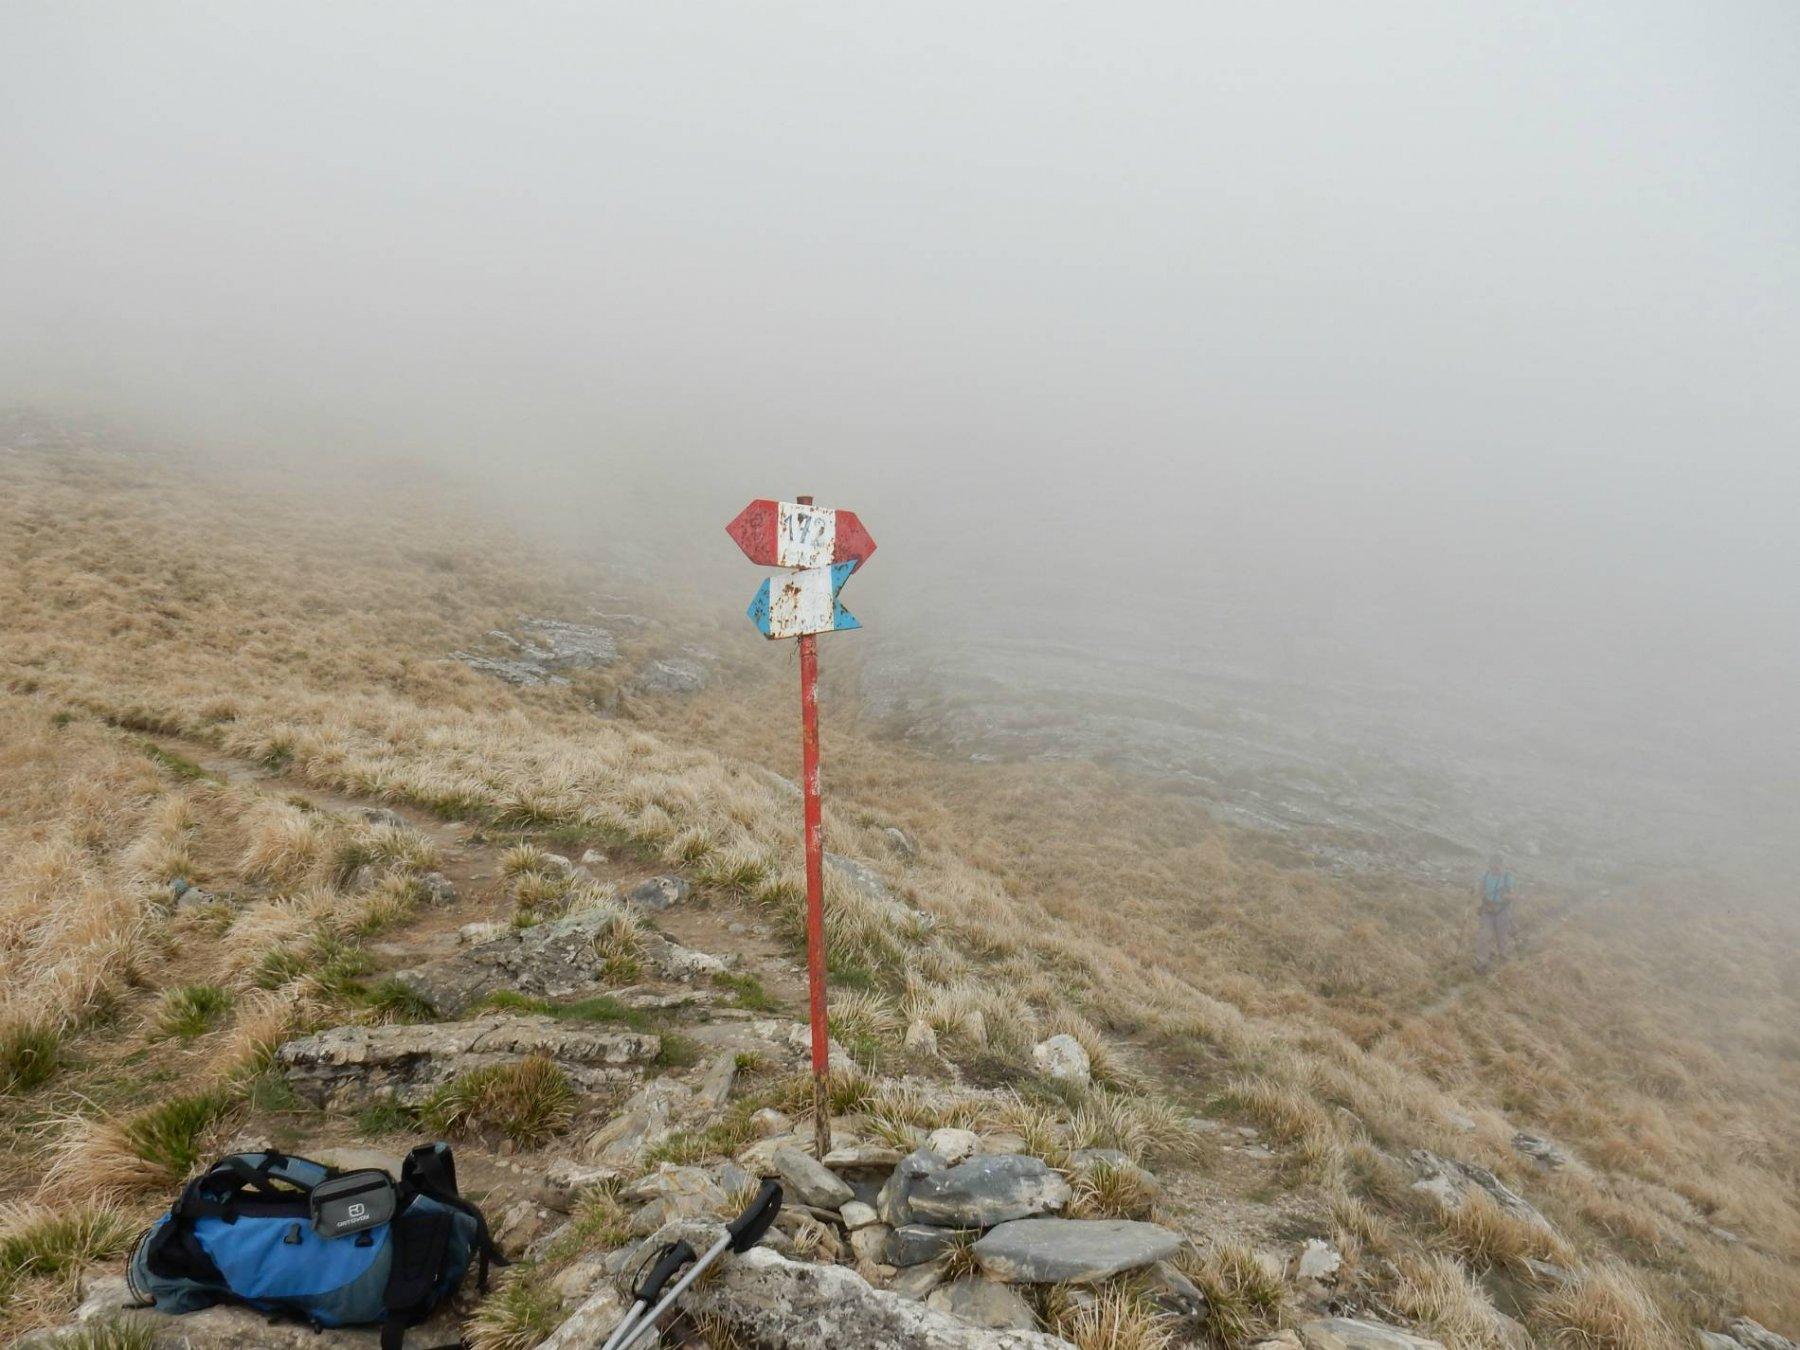 A foce Faggiola pur con visibilità ridotta decidiamo di salire al M.Sagro.